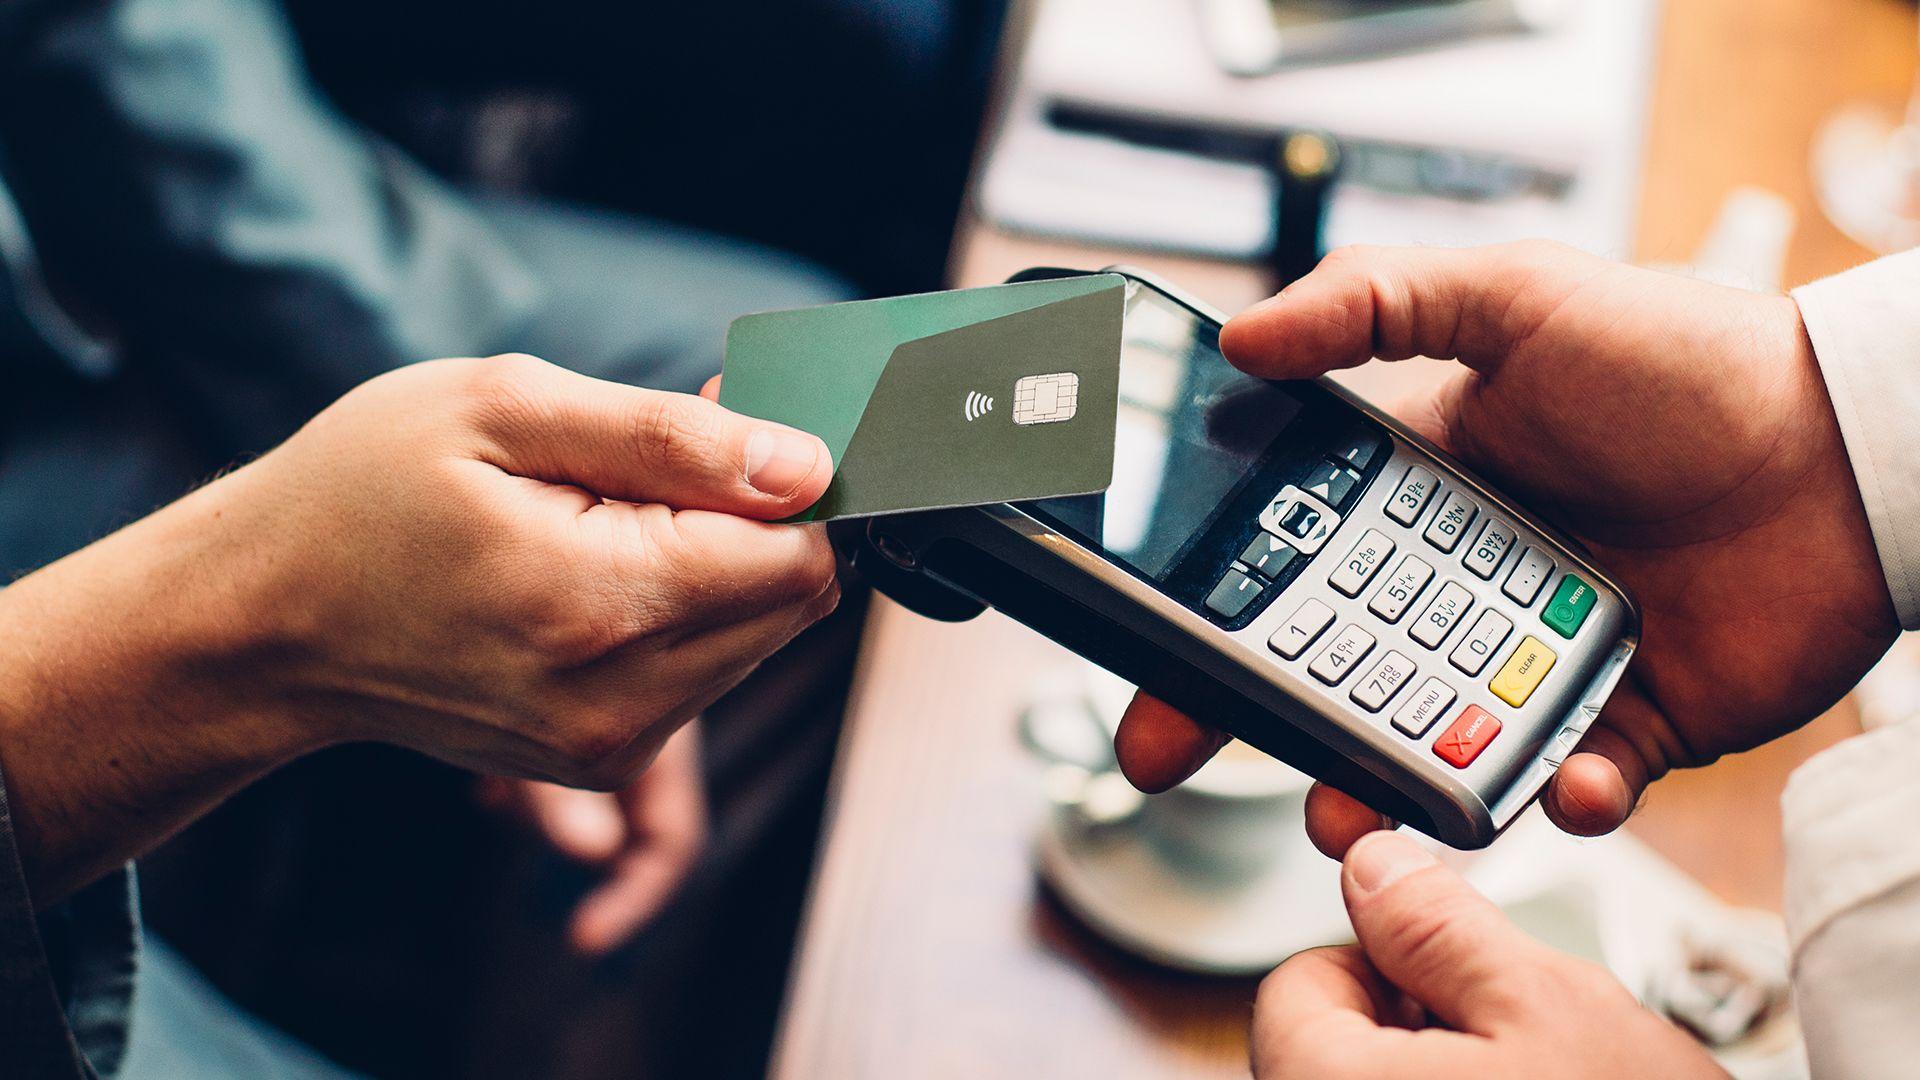 Финтех-дайджест: подготовка отключения малых банков от Visa и Mastercard, пенсионный калькулятор и не только - 1